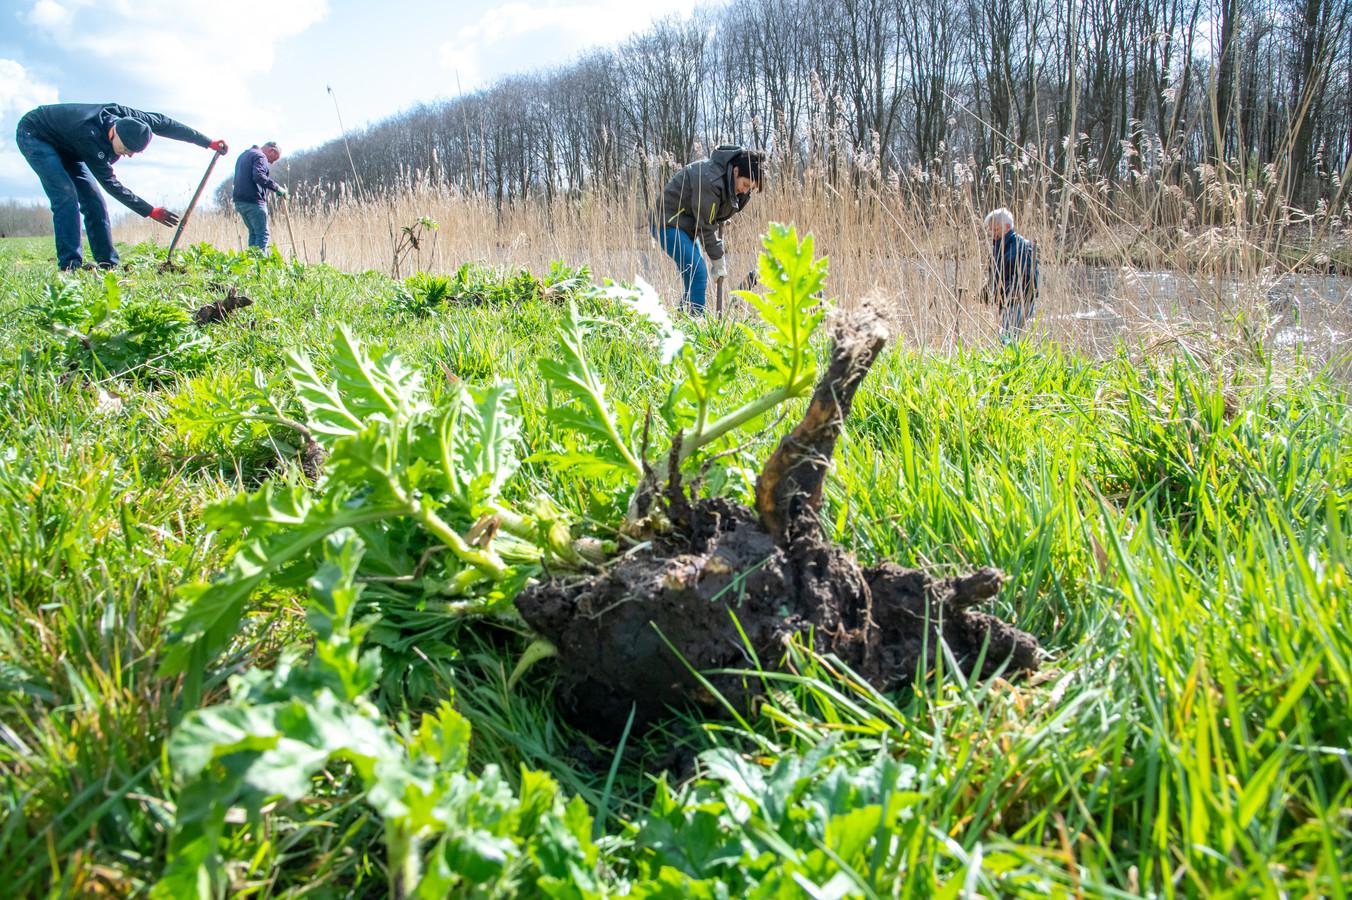 Onder leiding van boswachter Jan van Veen van Staatsbosbeheer steken de vrijwilligers met spaden de nog jonge plantjes van de reuzenberenklauw uit de grond.